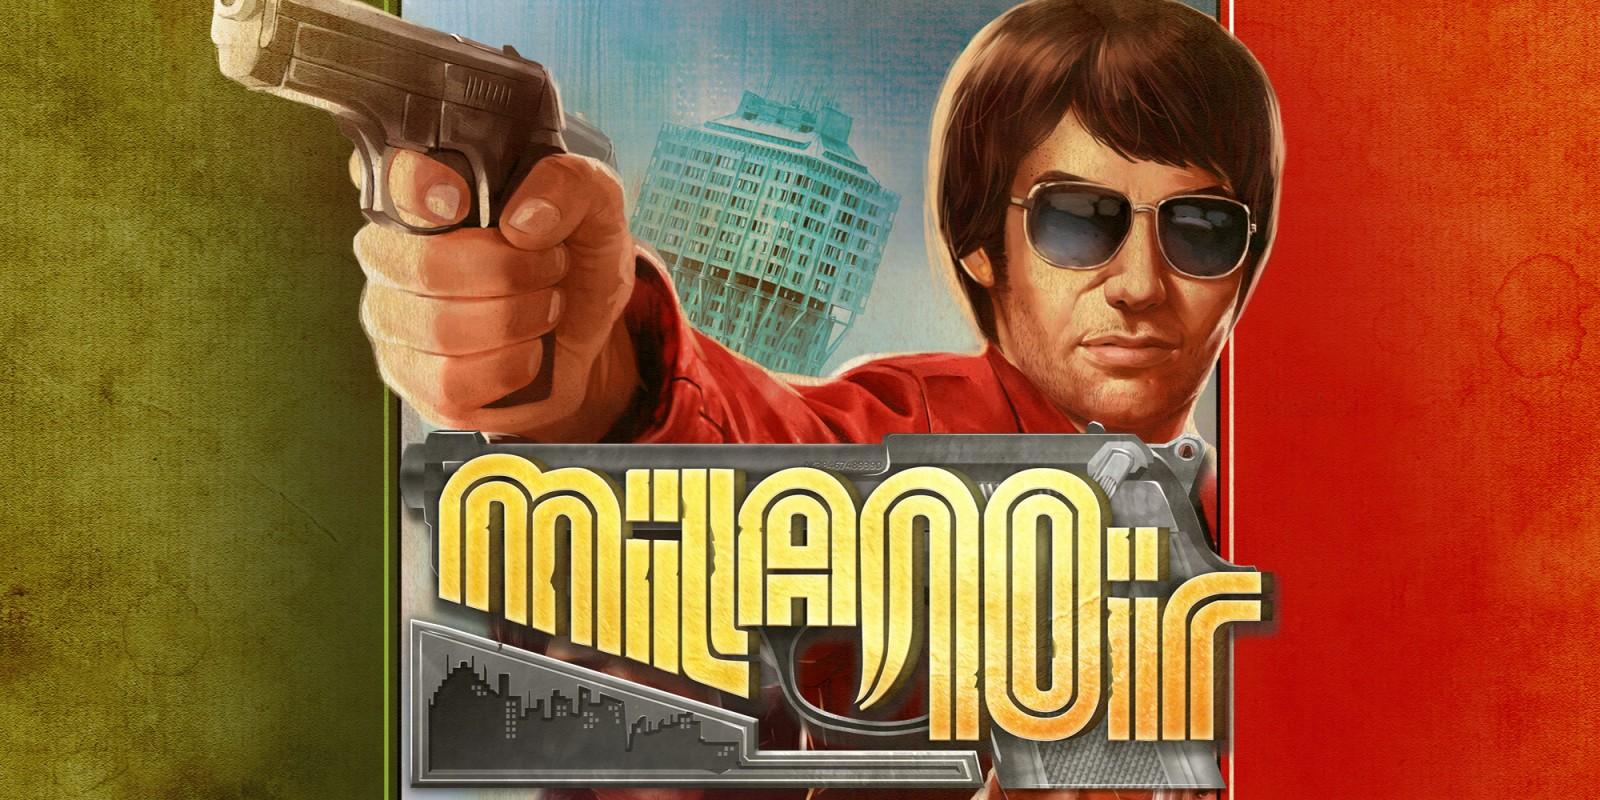 Nicho em destaque - Milanoir: espetacular cooperativa de ação de vingança e ação mafiosa dos anos 70